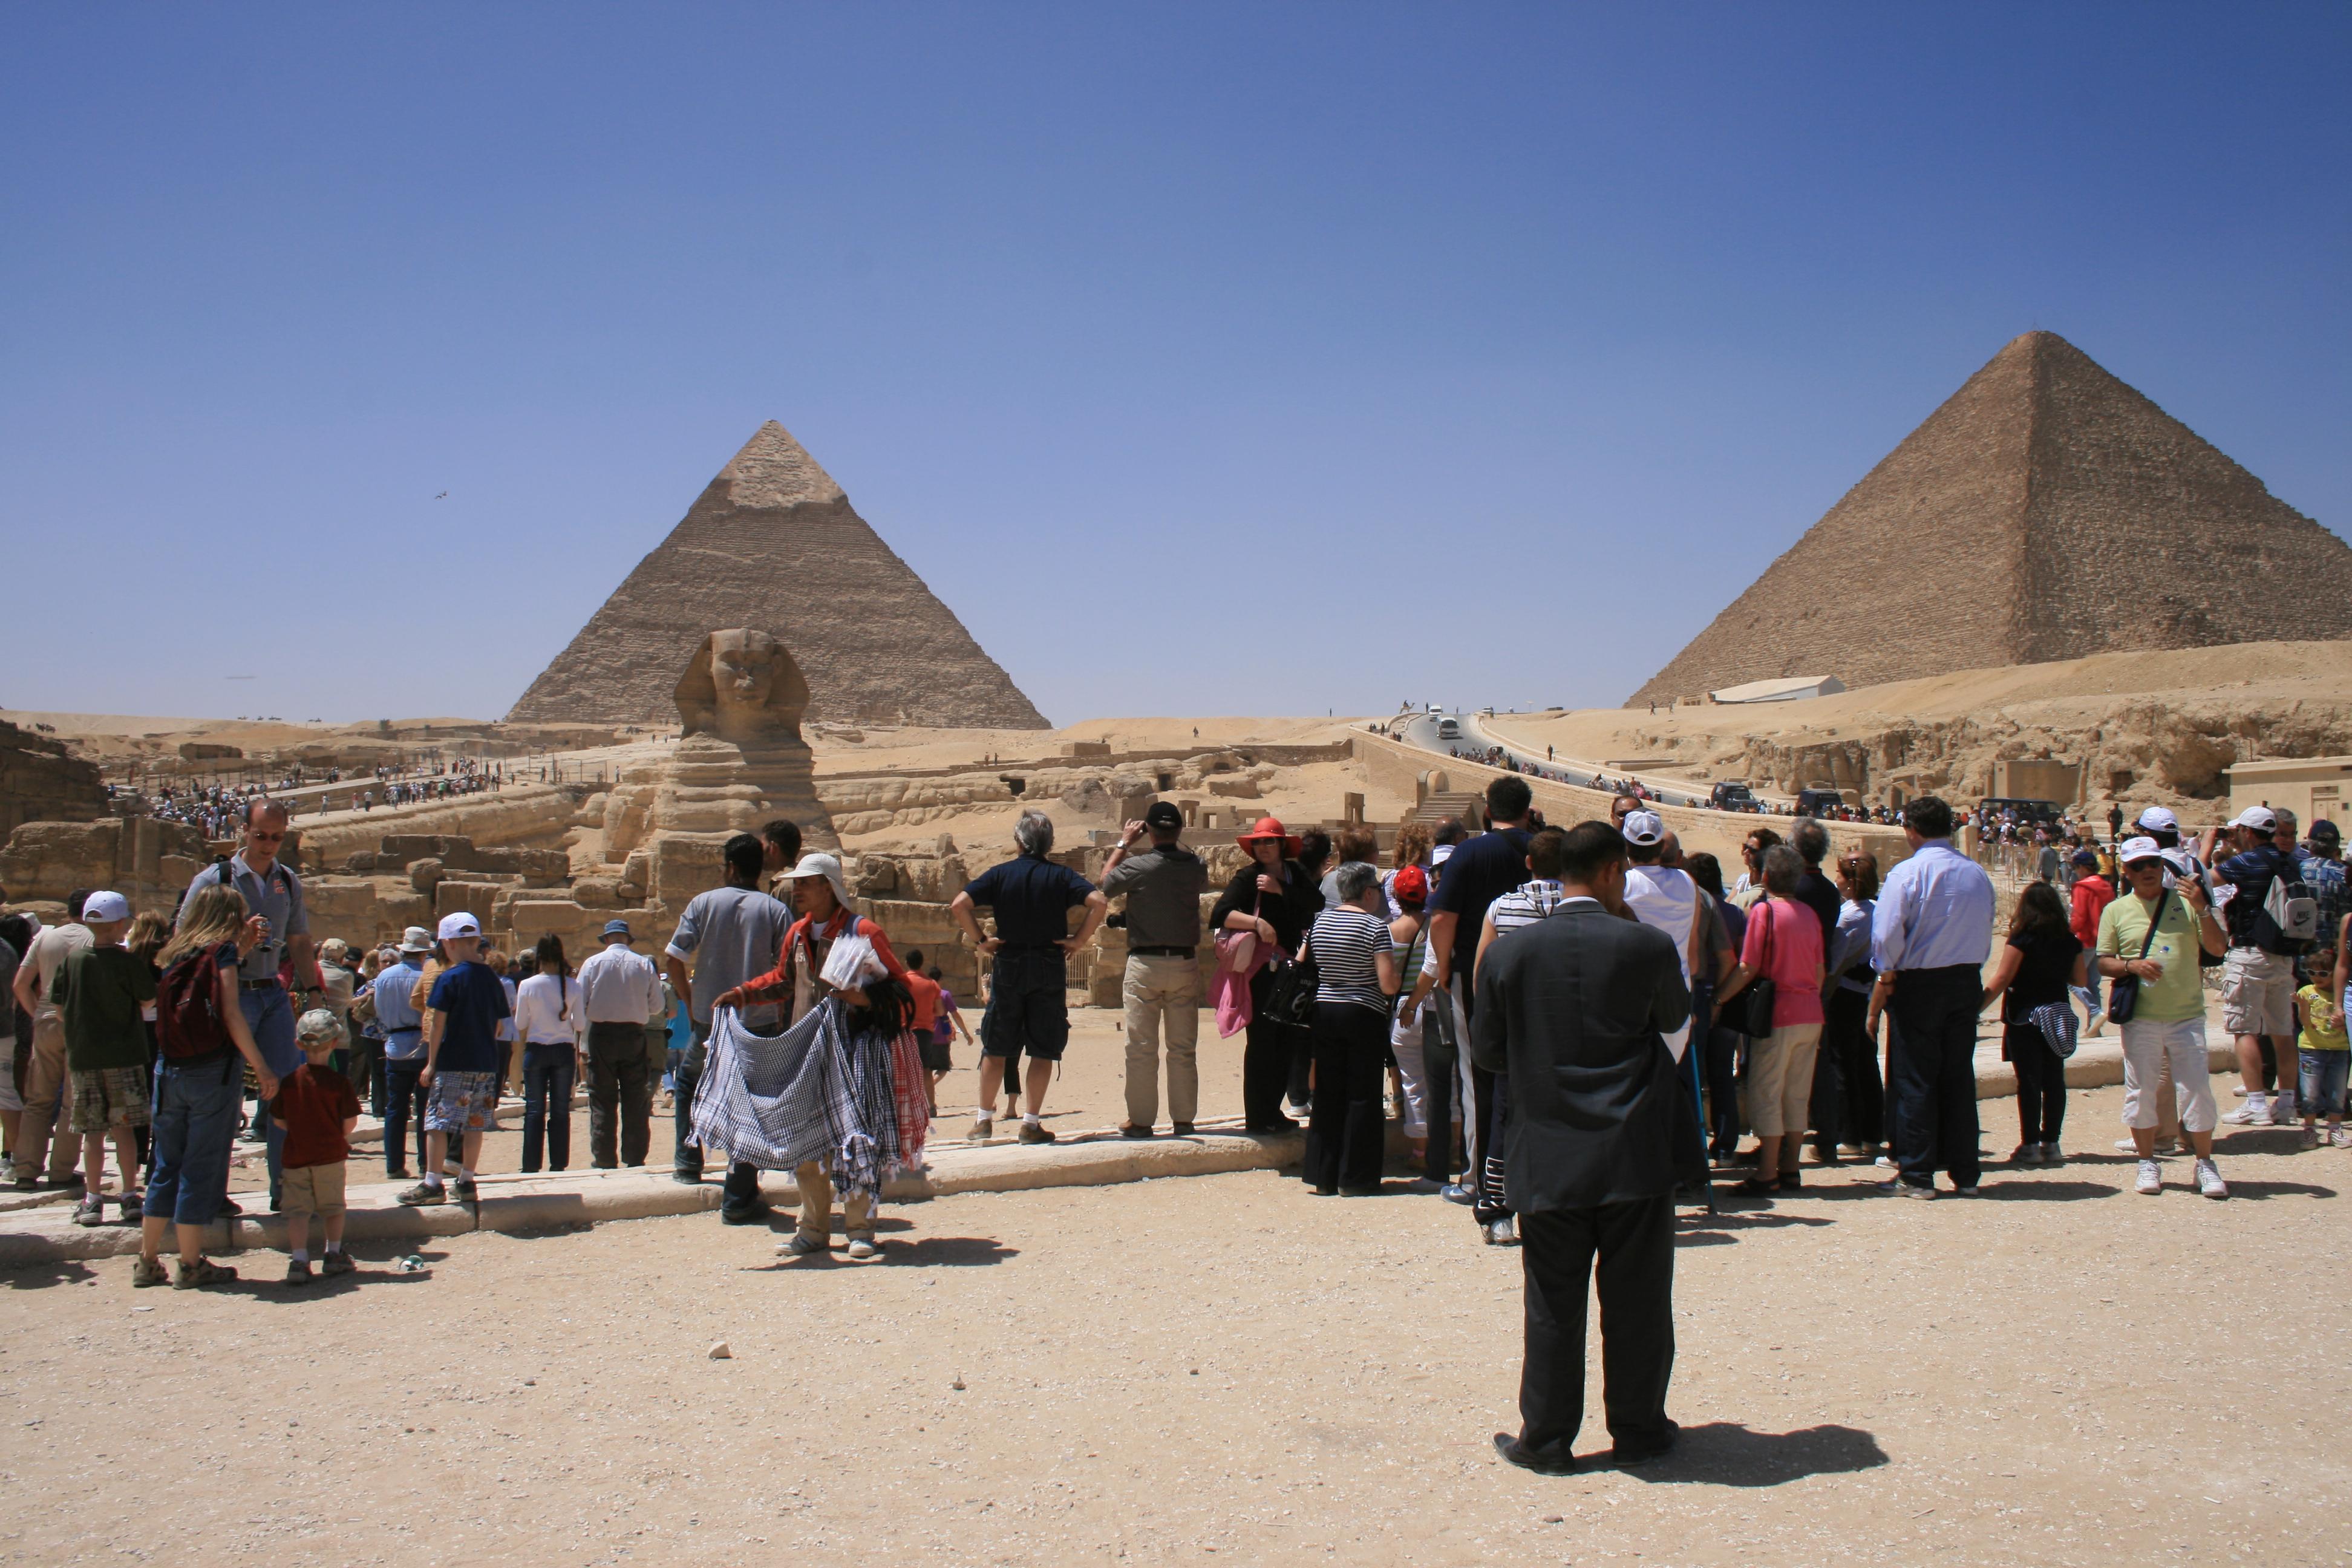 Giza Pyramids Crowds